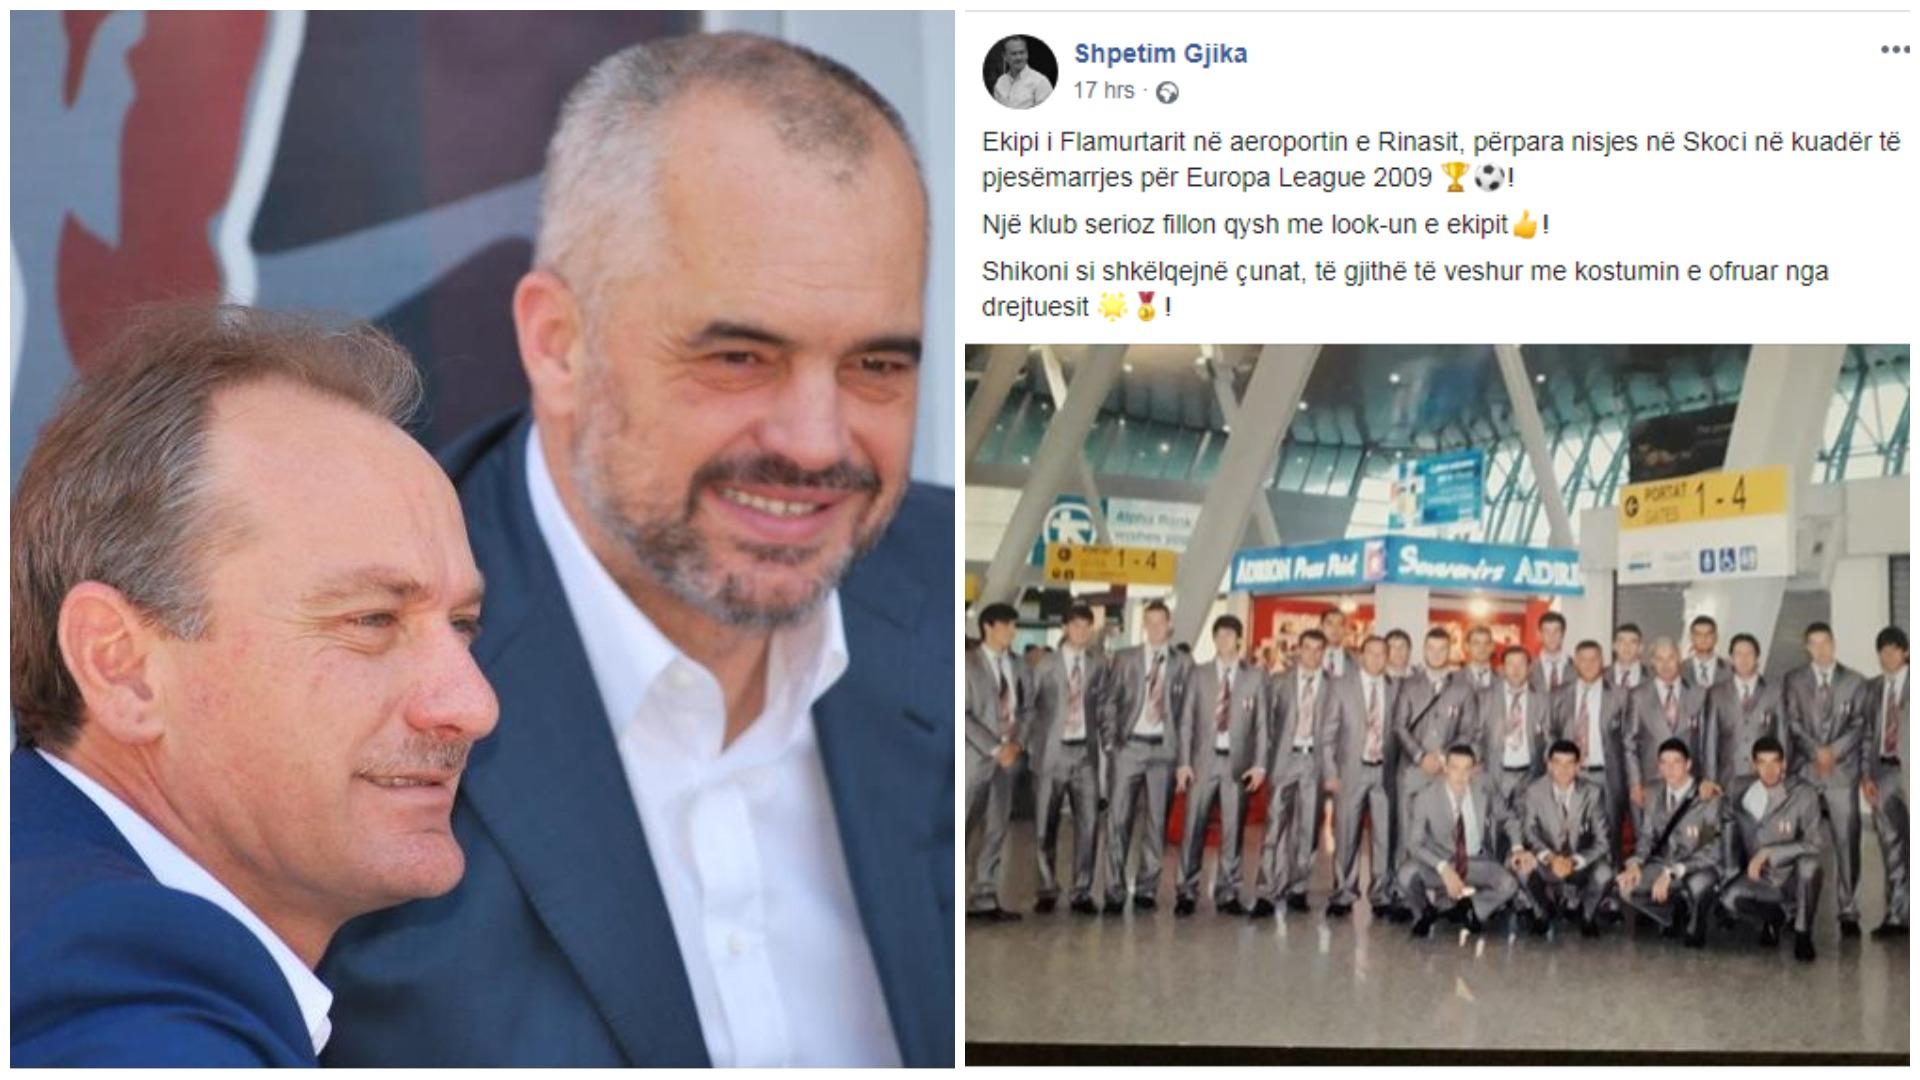 """""""Shikoni si shkëlqen Flamurtari""""/ Tifozët i kujtojnë 8 golat, Gjika: Po Roma të shkrihej?!"""